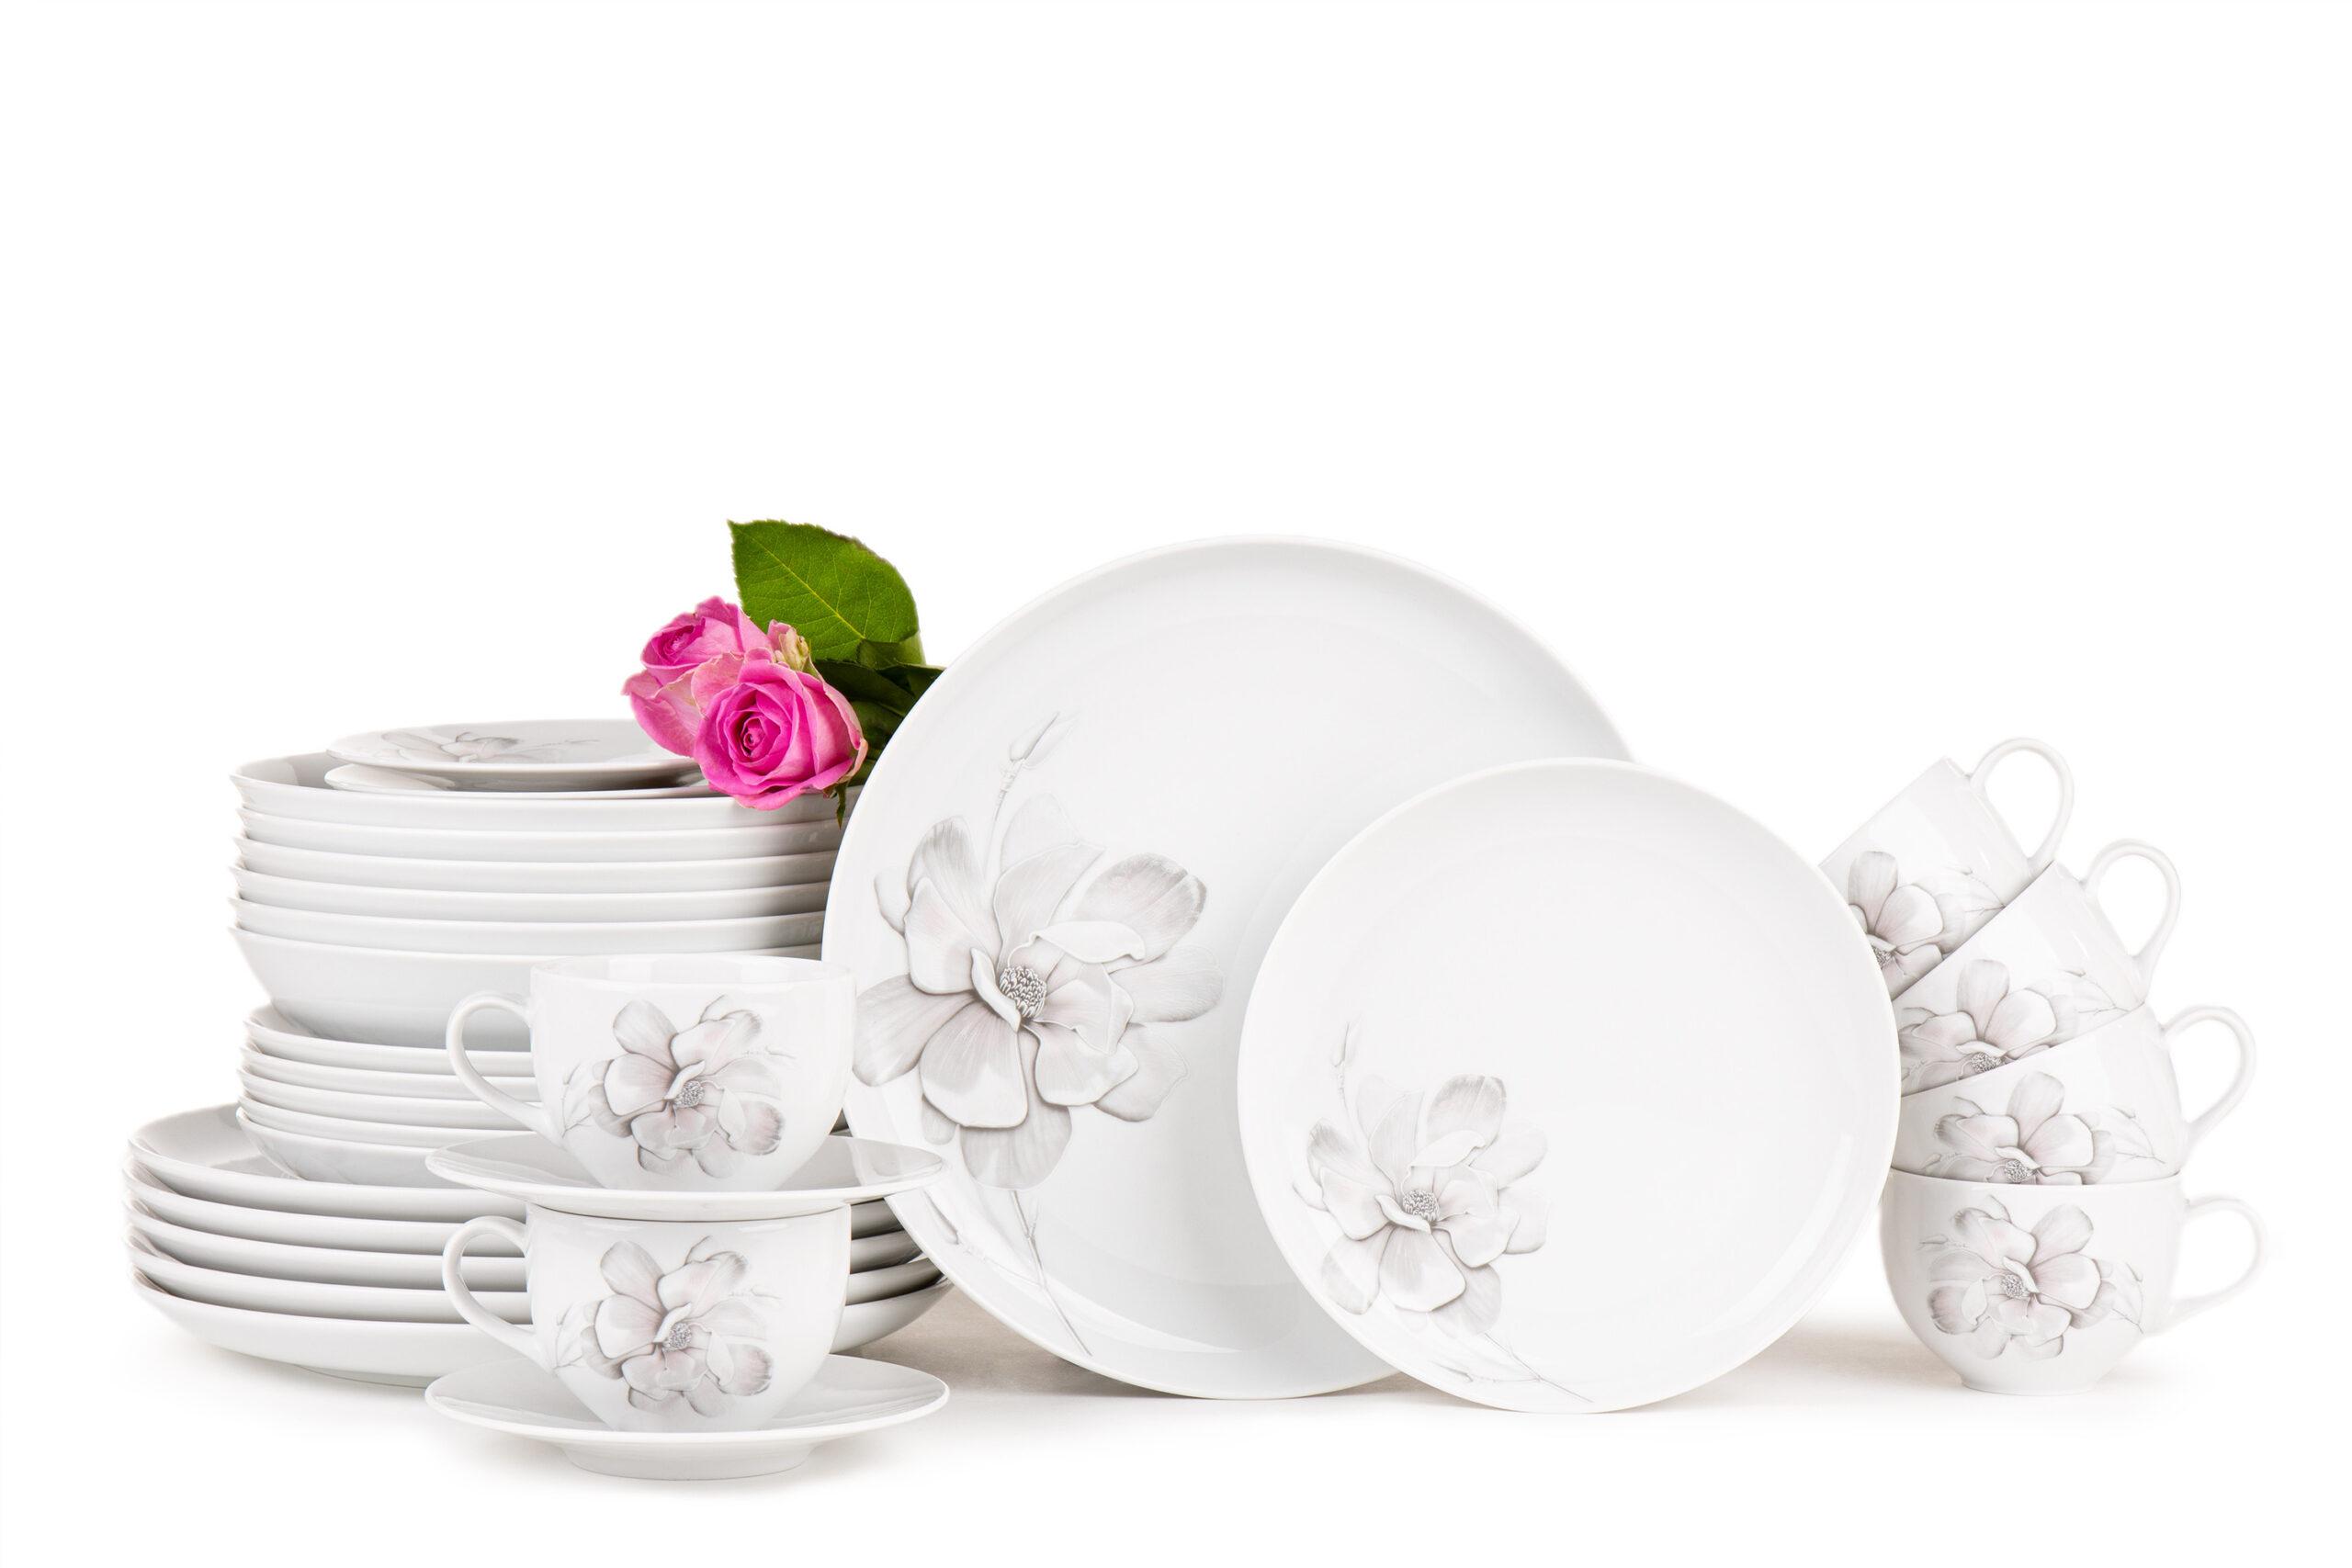 Serwis obiadowo-kawowy polska porcelana 6 os. 30 elementów Biały / wzór magnolii